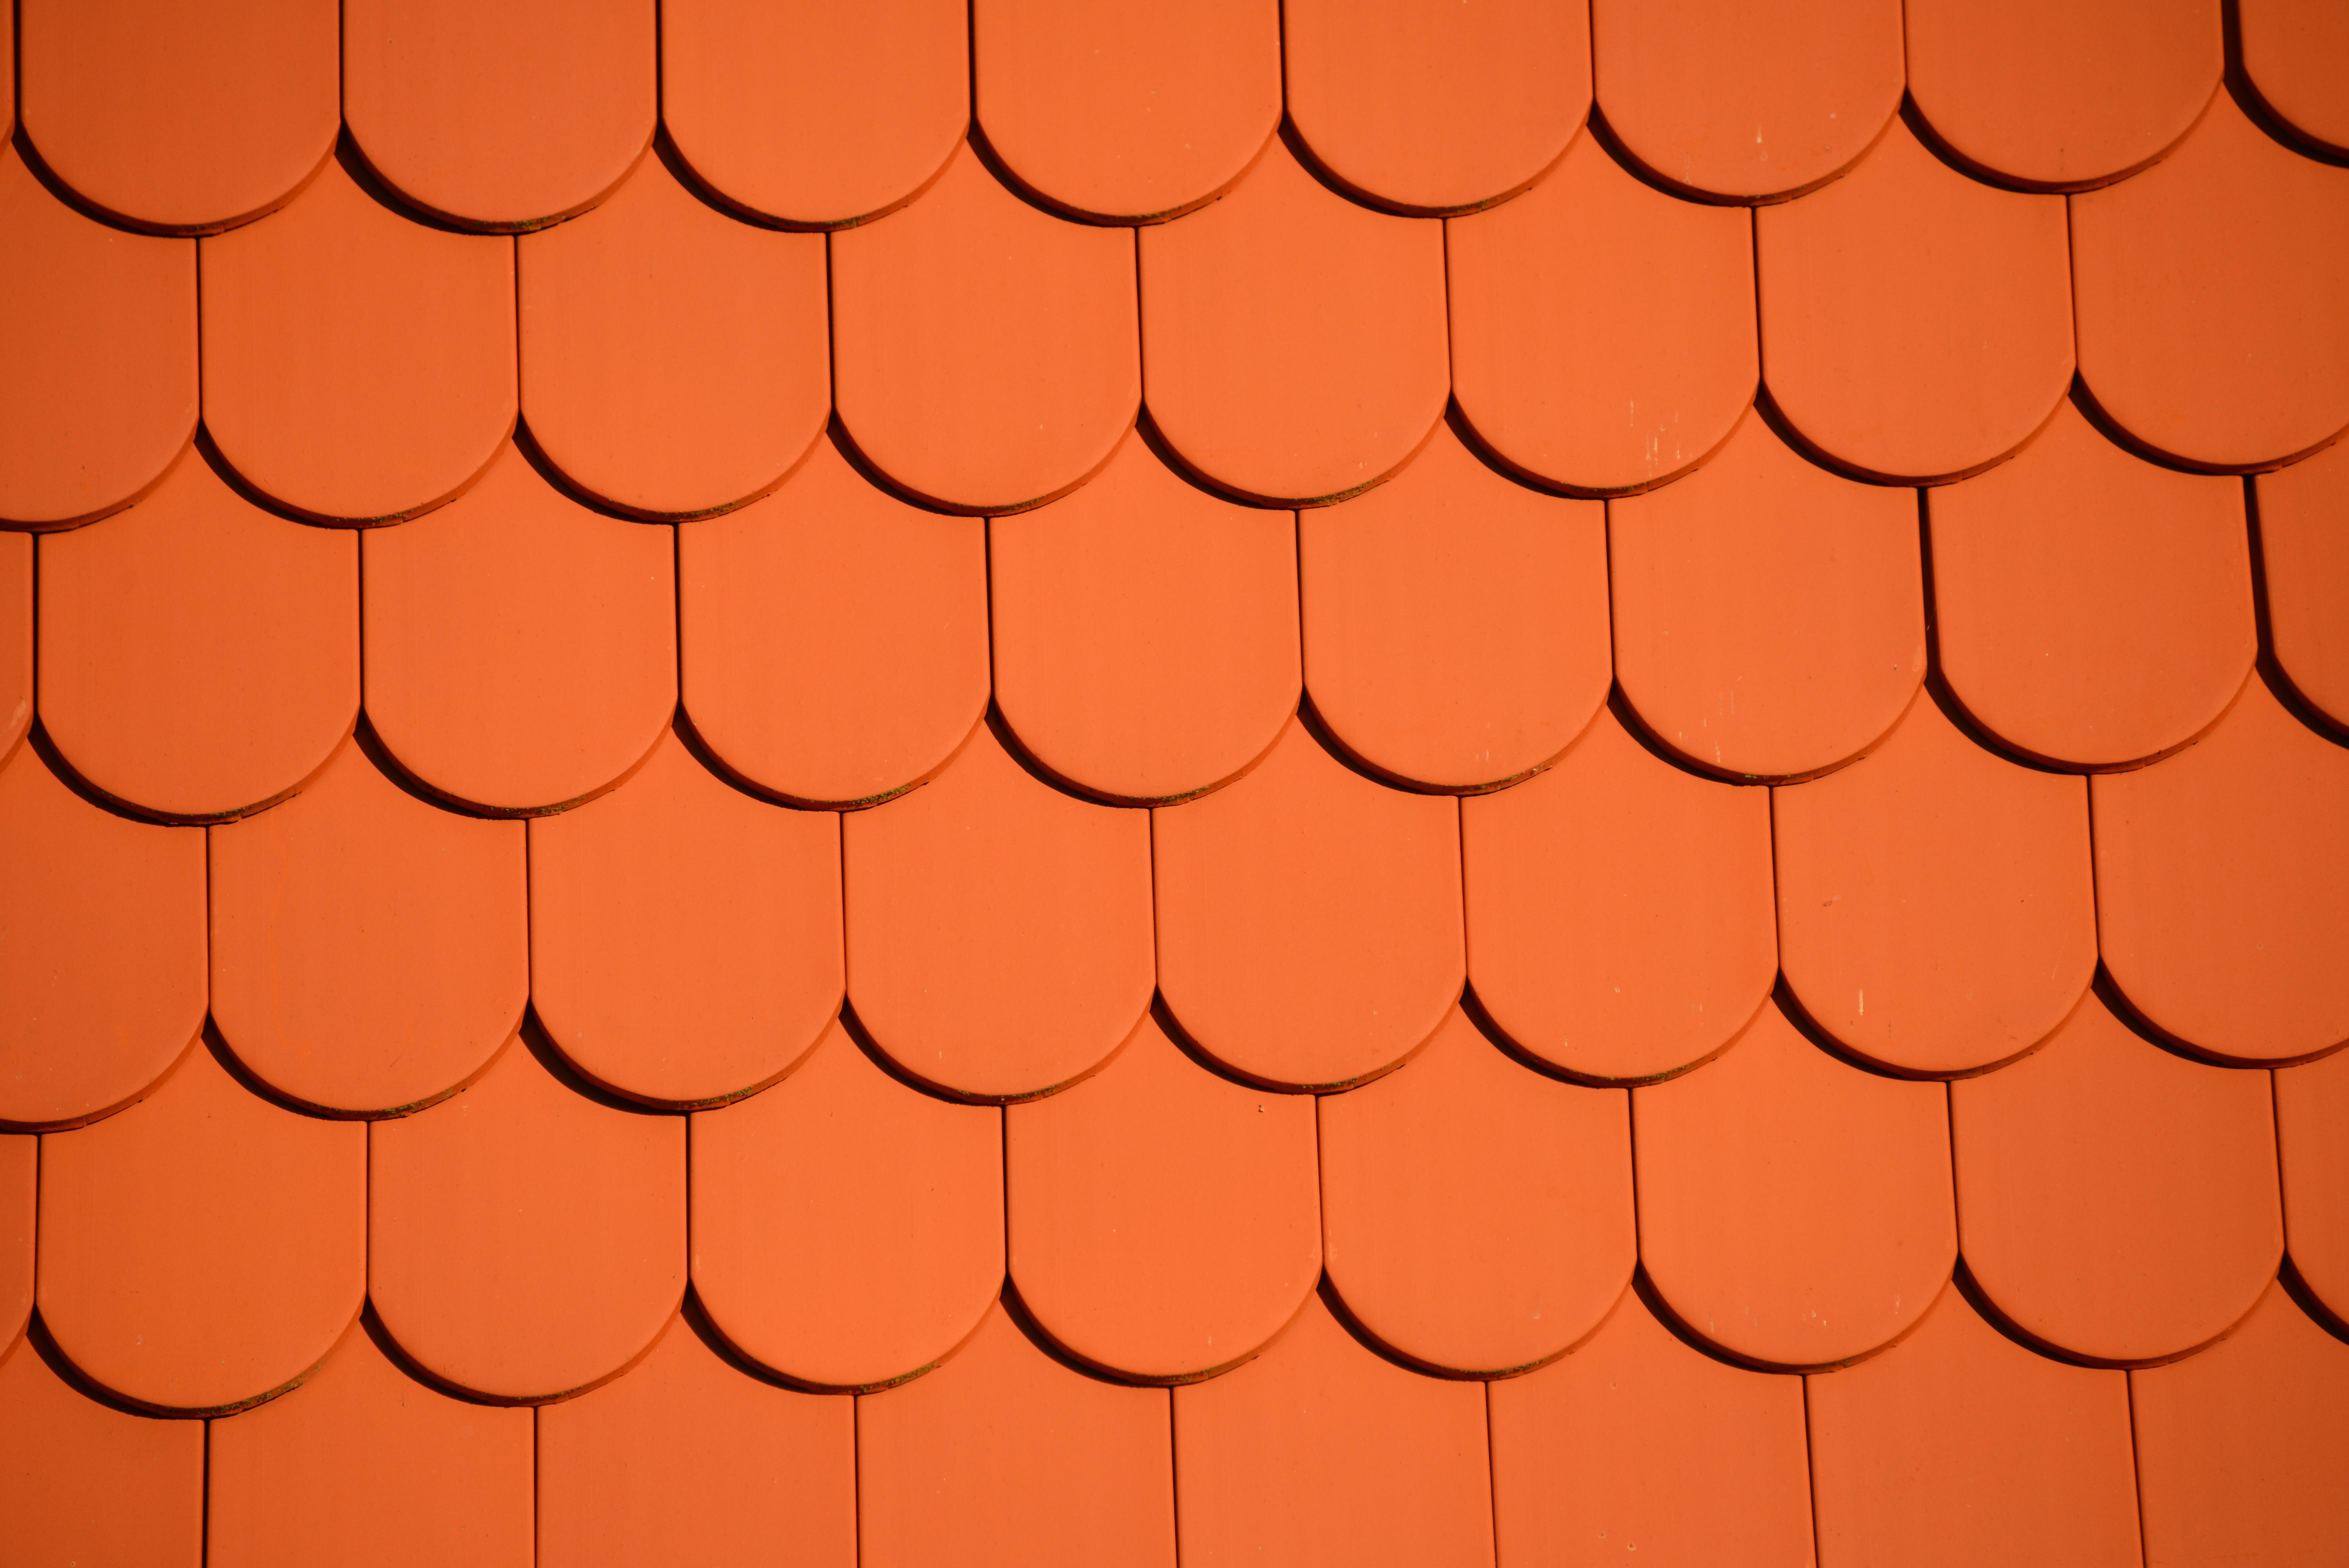 Free images texture petal floor orange pattern line for Roof tile patterns